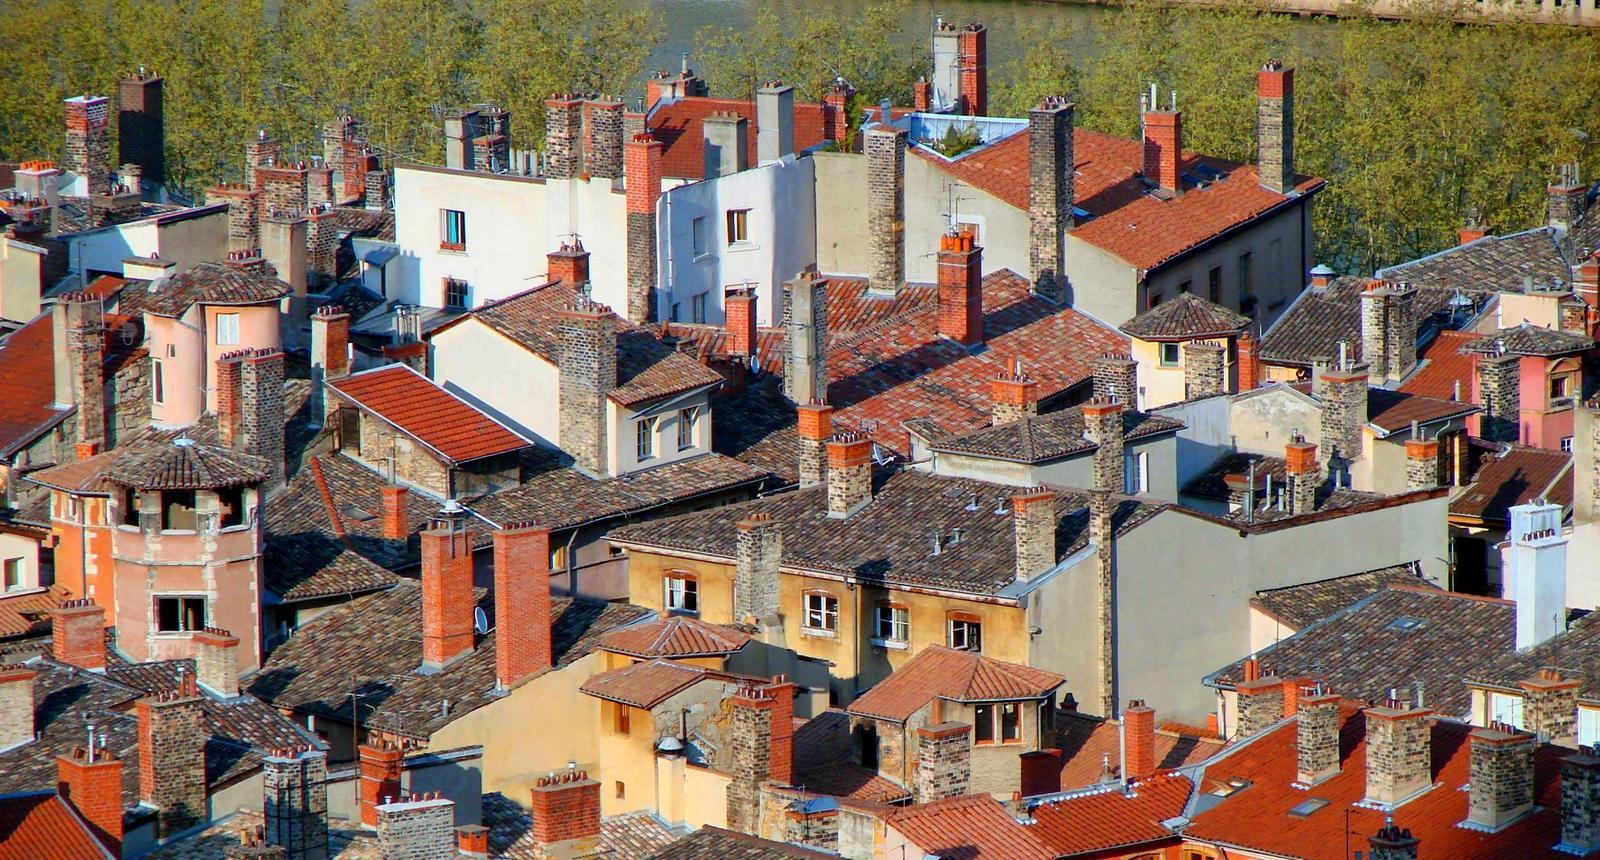 Toits du Vieux Lyon